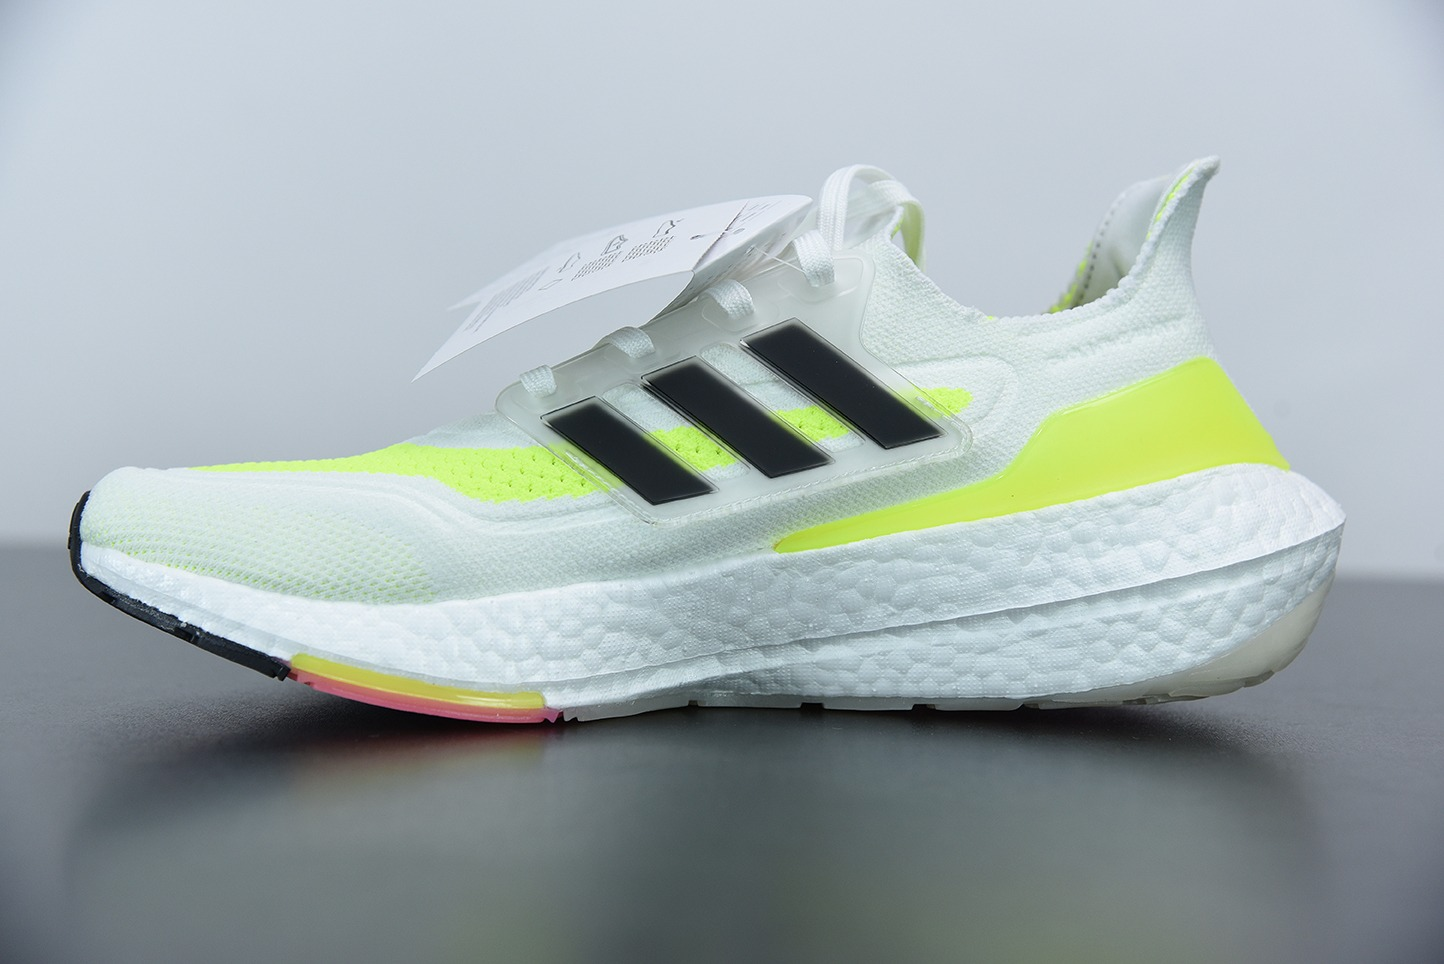 阿迪达斯 Adidas UltraBoost 21 白黑荧光黄加厚爆米花袜套式针织鞋面休闲运动慢跑鞋纯原版本 货号:FY0377